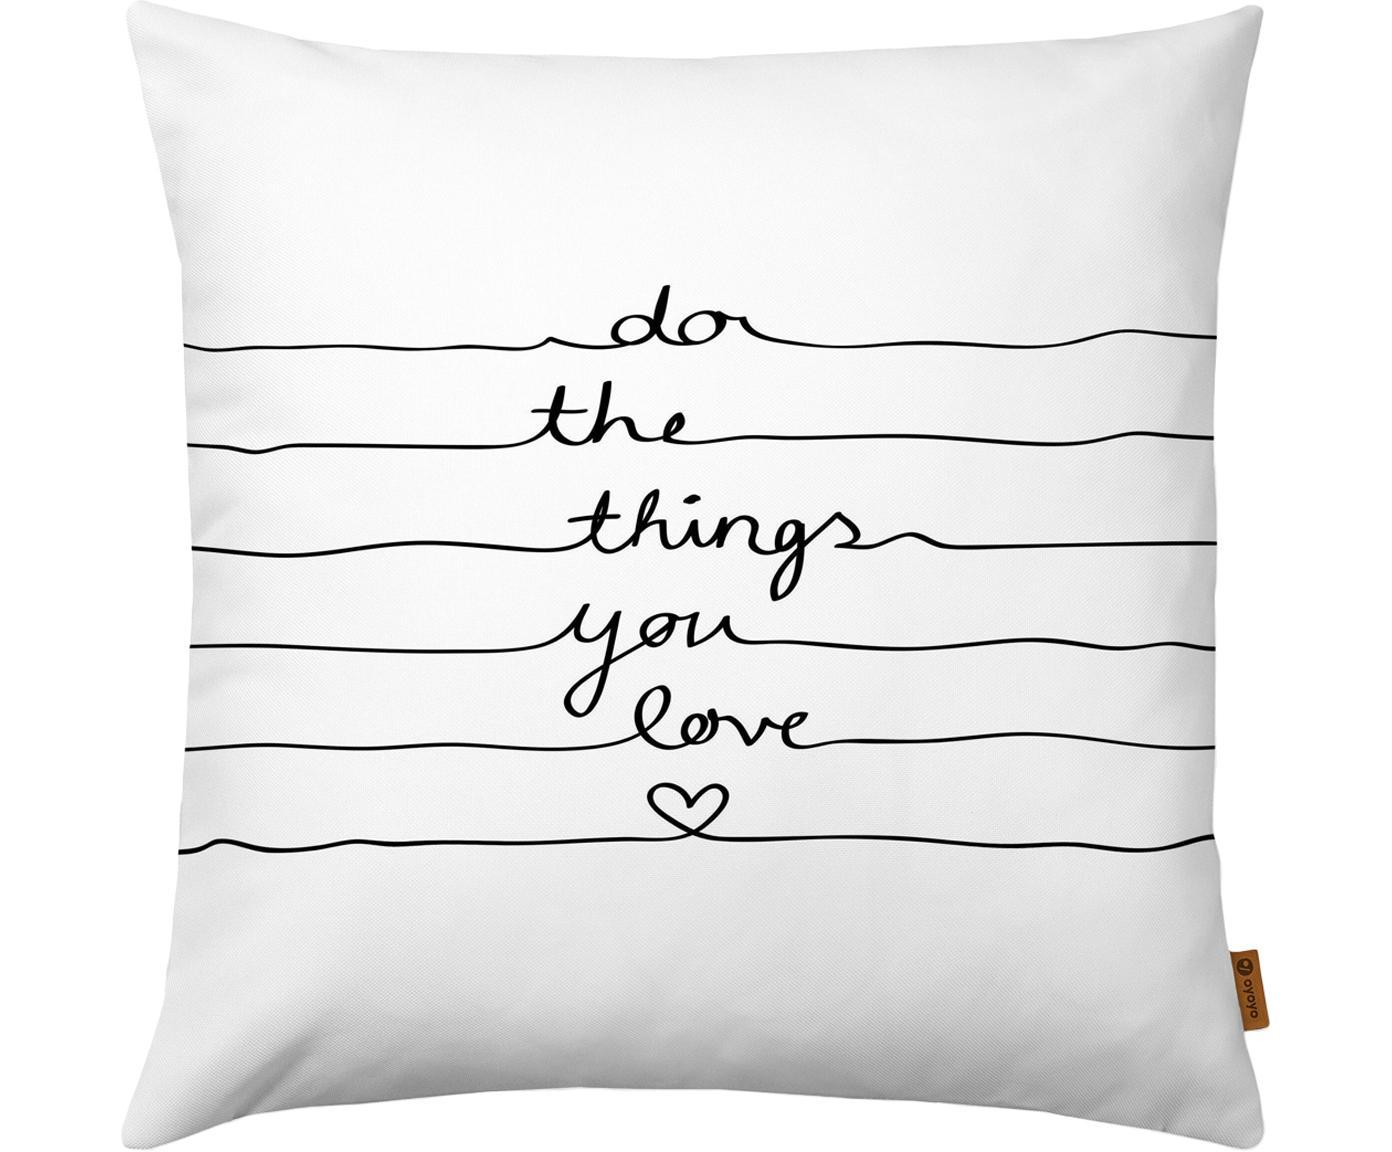 Poszewka na poduszkę Do The Things You Love, Poliester, Biały, czarny, S 40 x D 40 cm